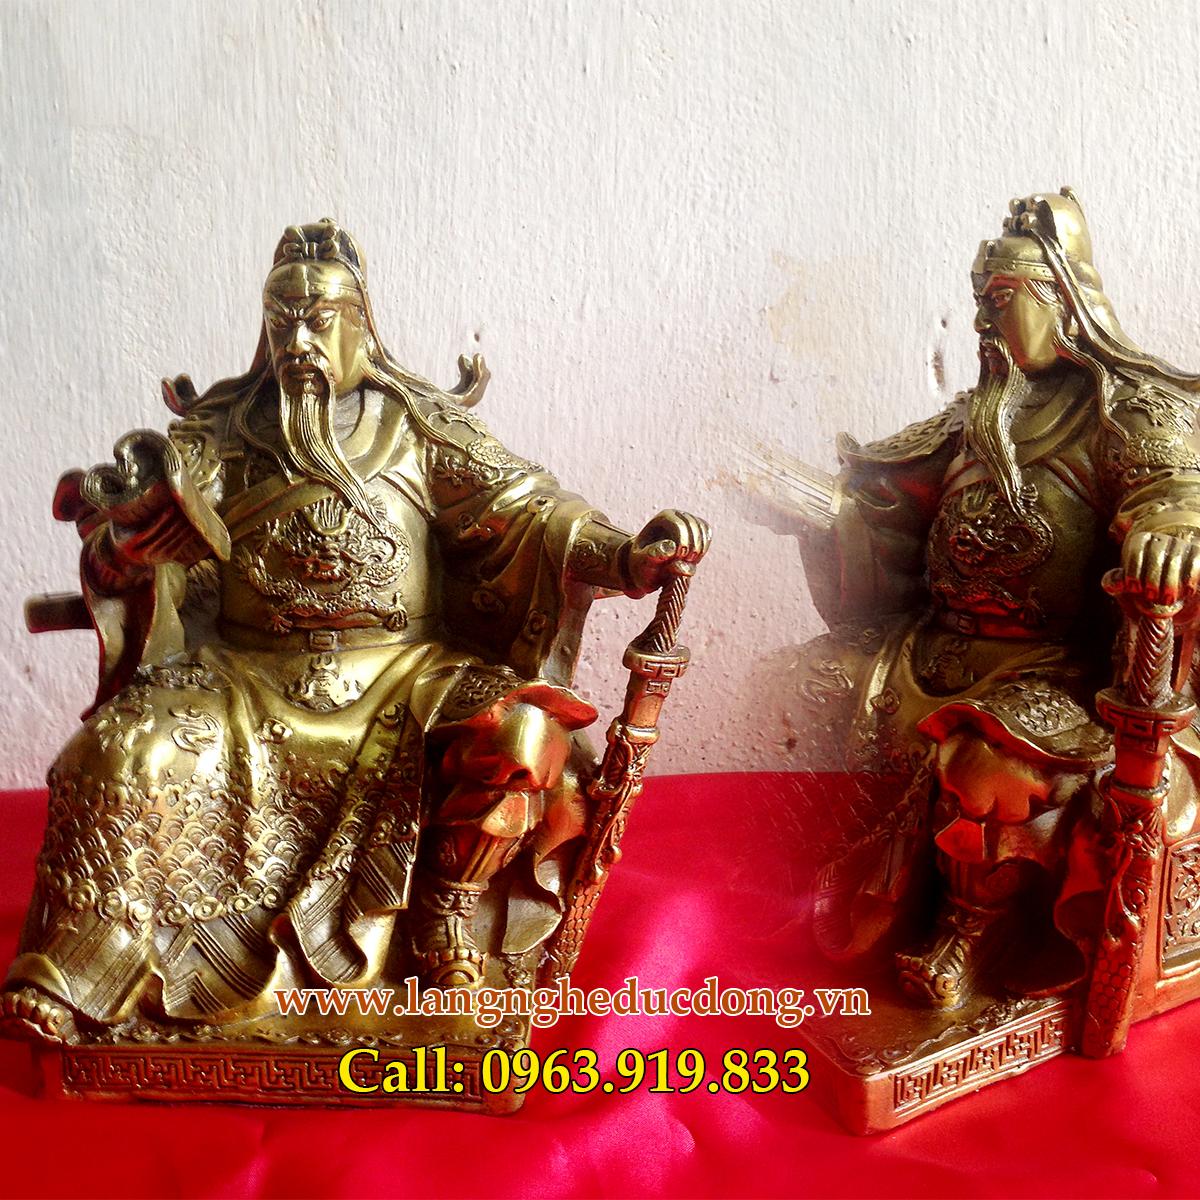 langngheducdong.vn - Bộ tượng tam thánh 18cm, tượng Quan Vân Trường